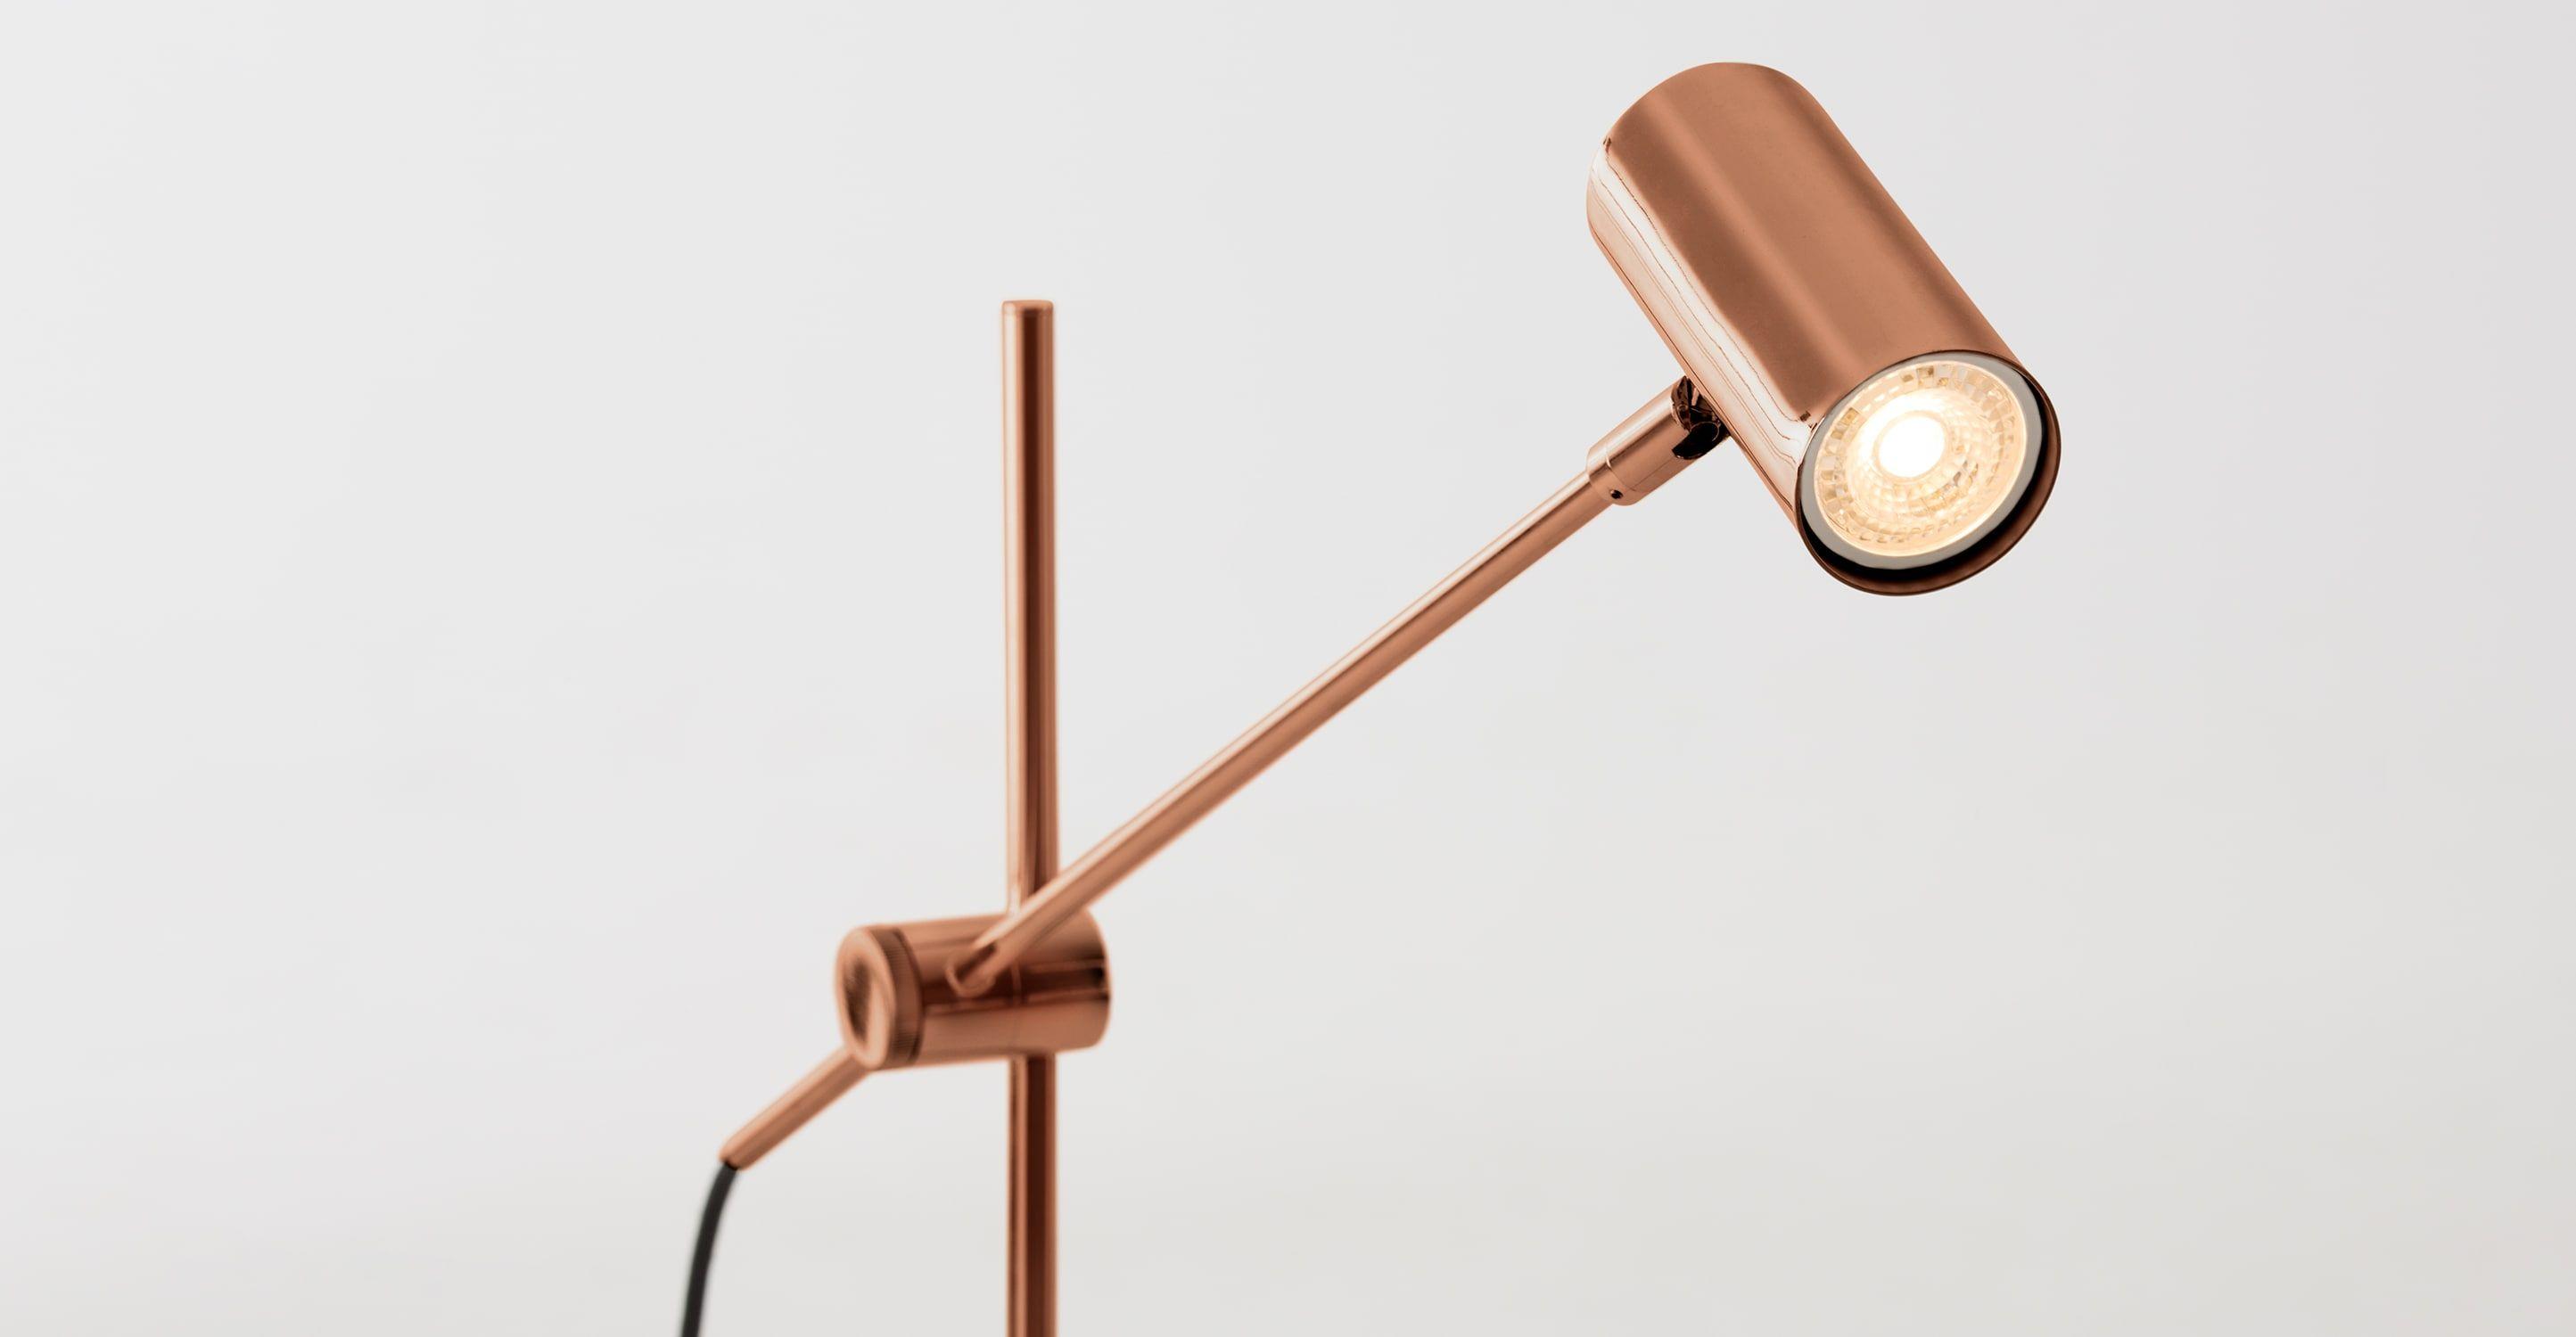 Eitelkeit Stehlampe Kupfer Sammlung Von Obie Stehlampe, - Madereview Jetzt Bestellen Unter: